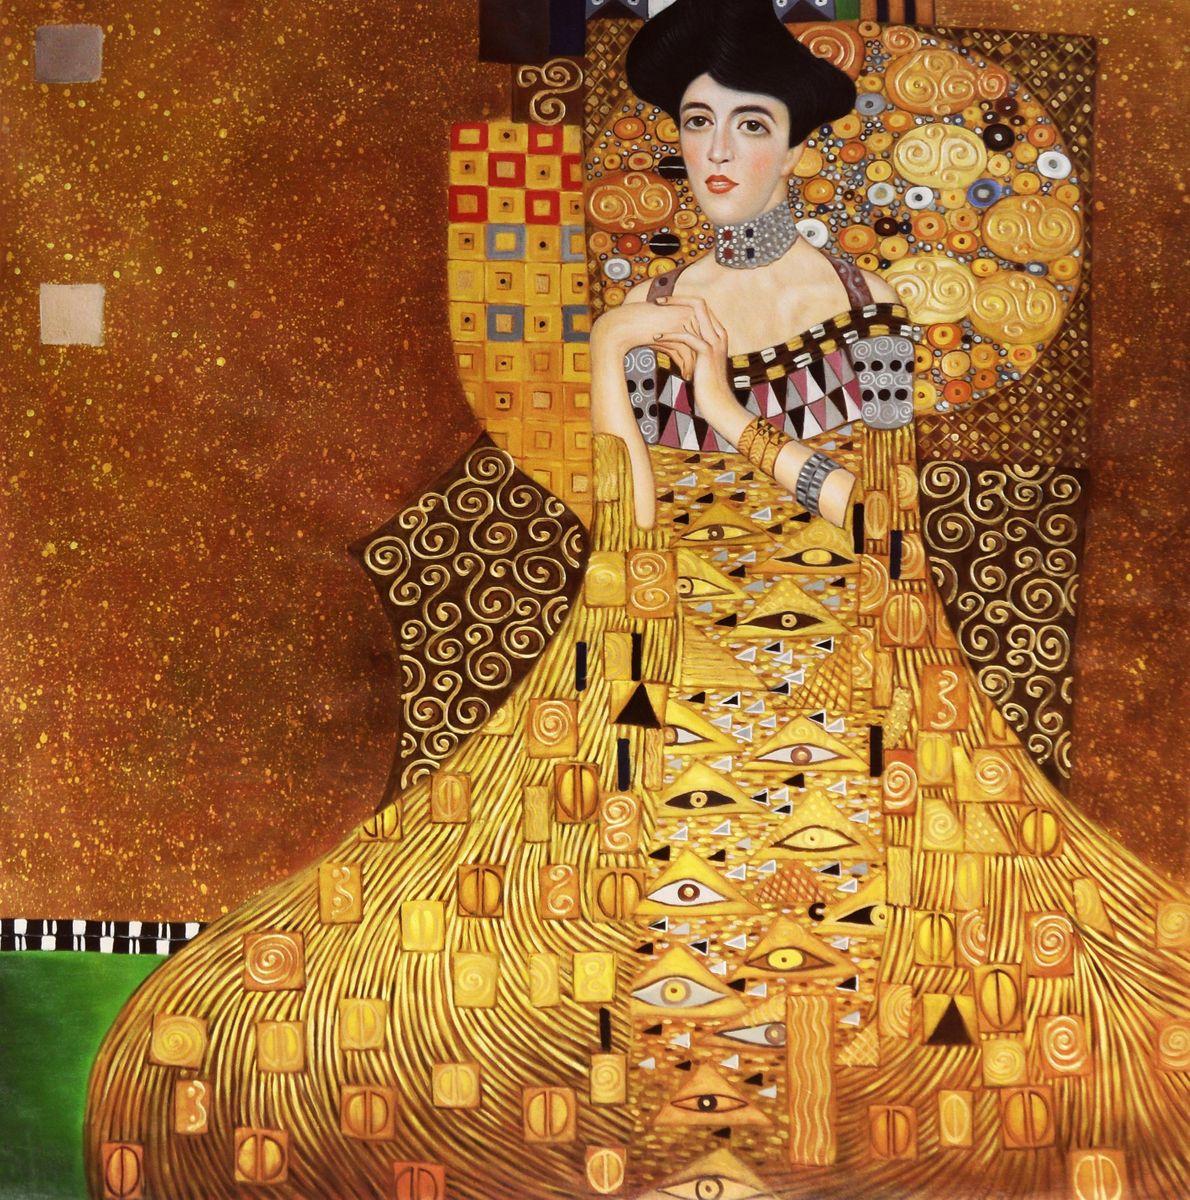 Gustav Klimt - Adele Bloch Bauer I m95373 120x120cm exzellentes Ölbild handgemalt